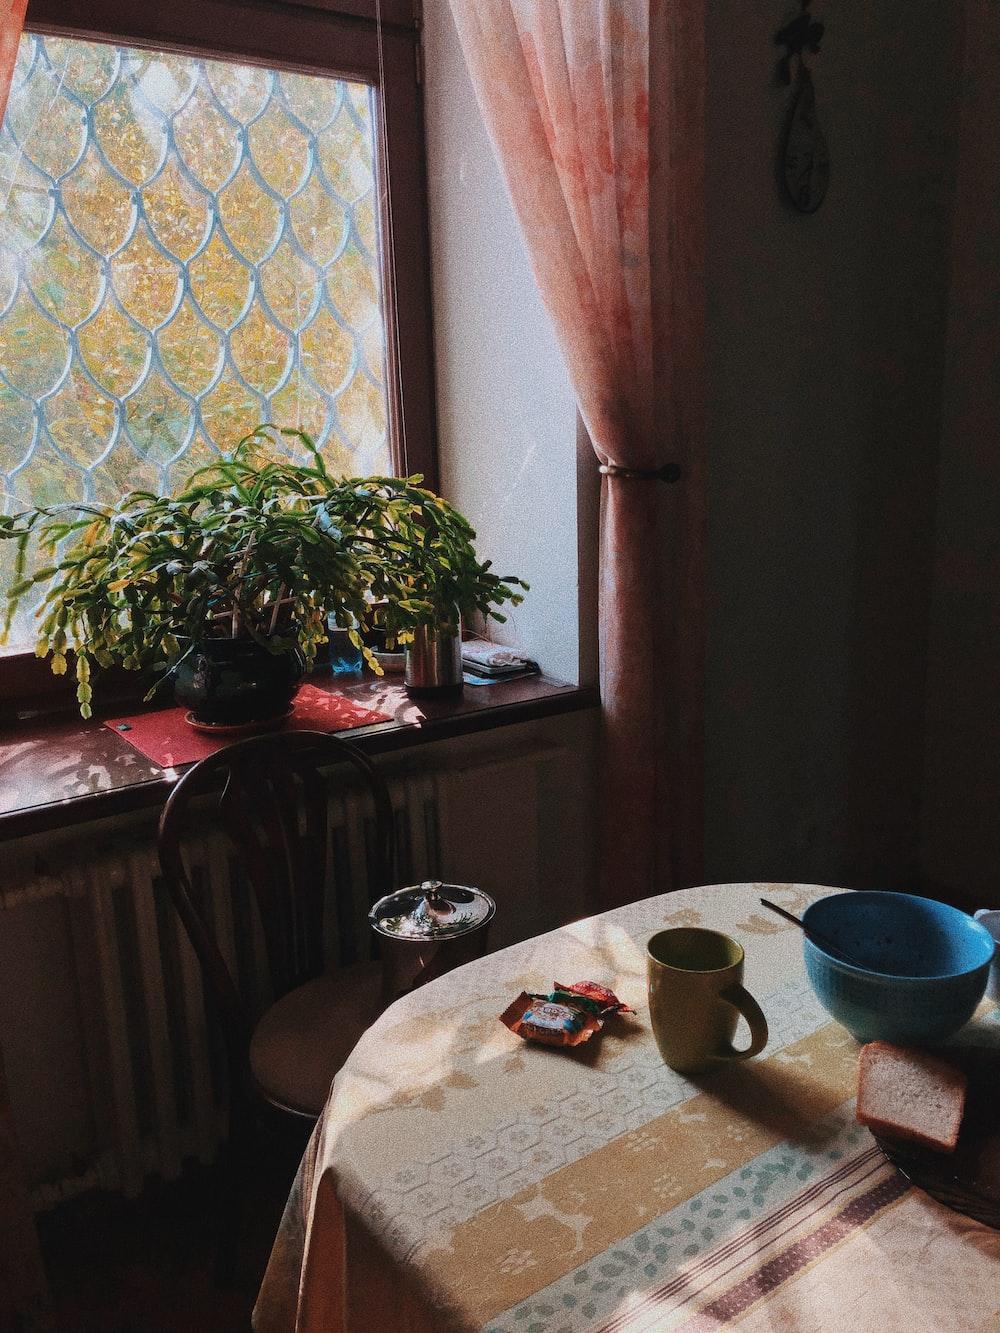 mug and bowl on table